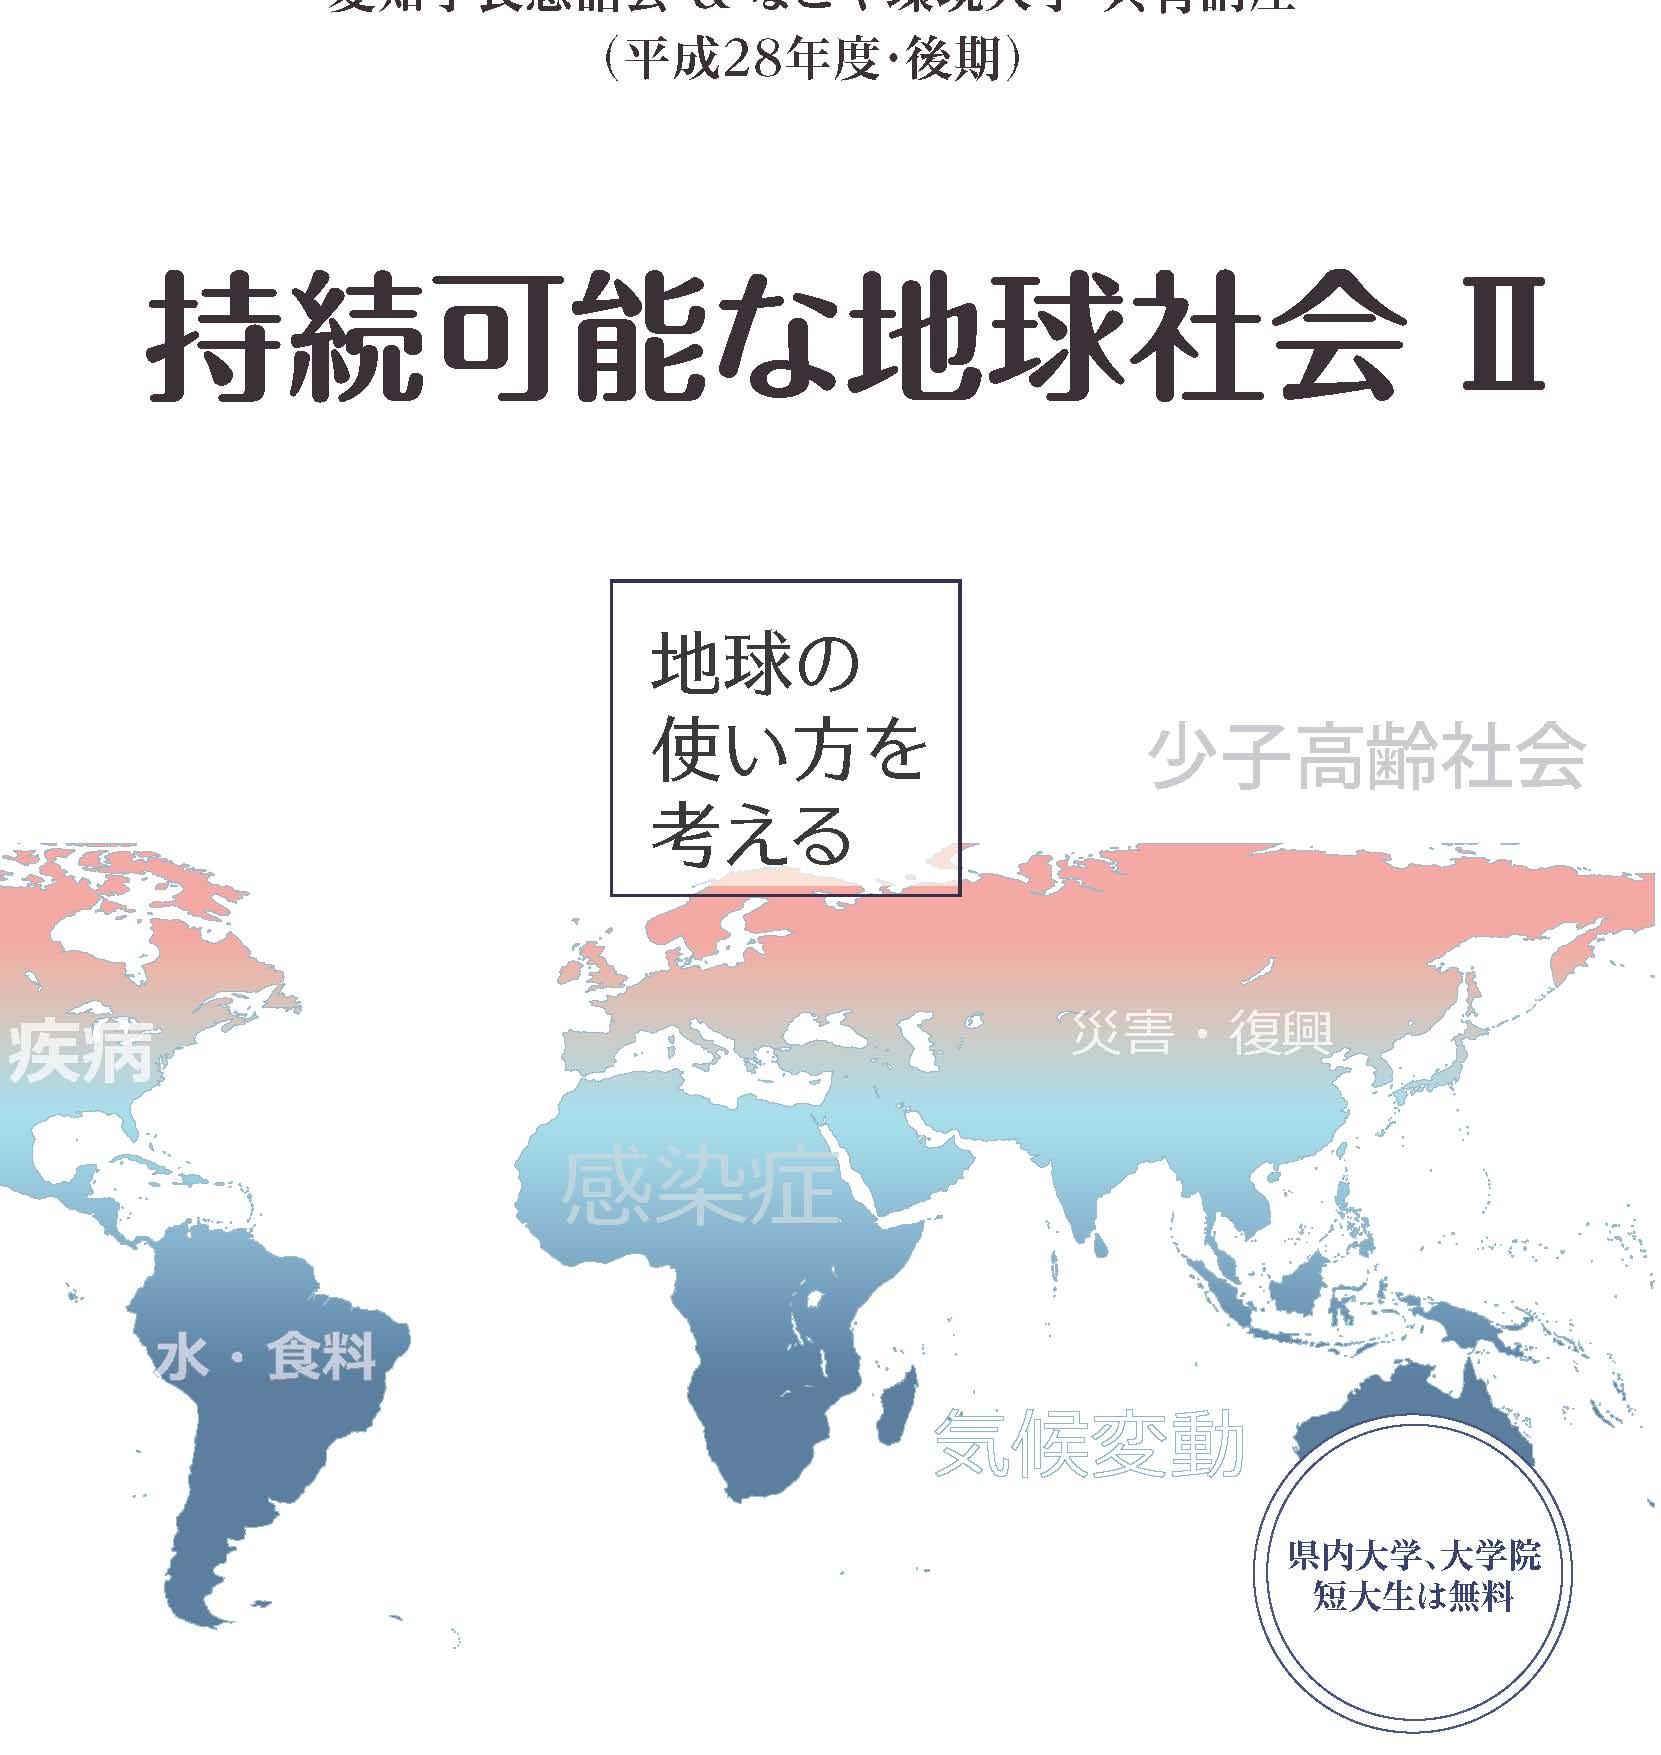 持続可能な地球社会Ⅱ